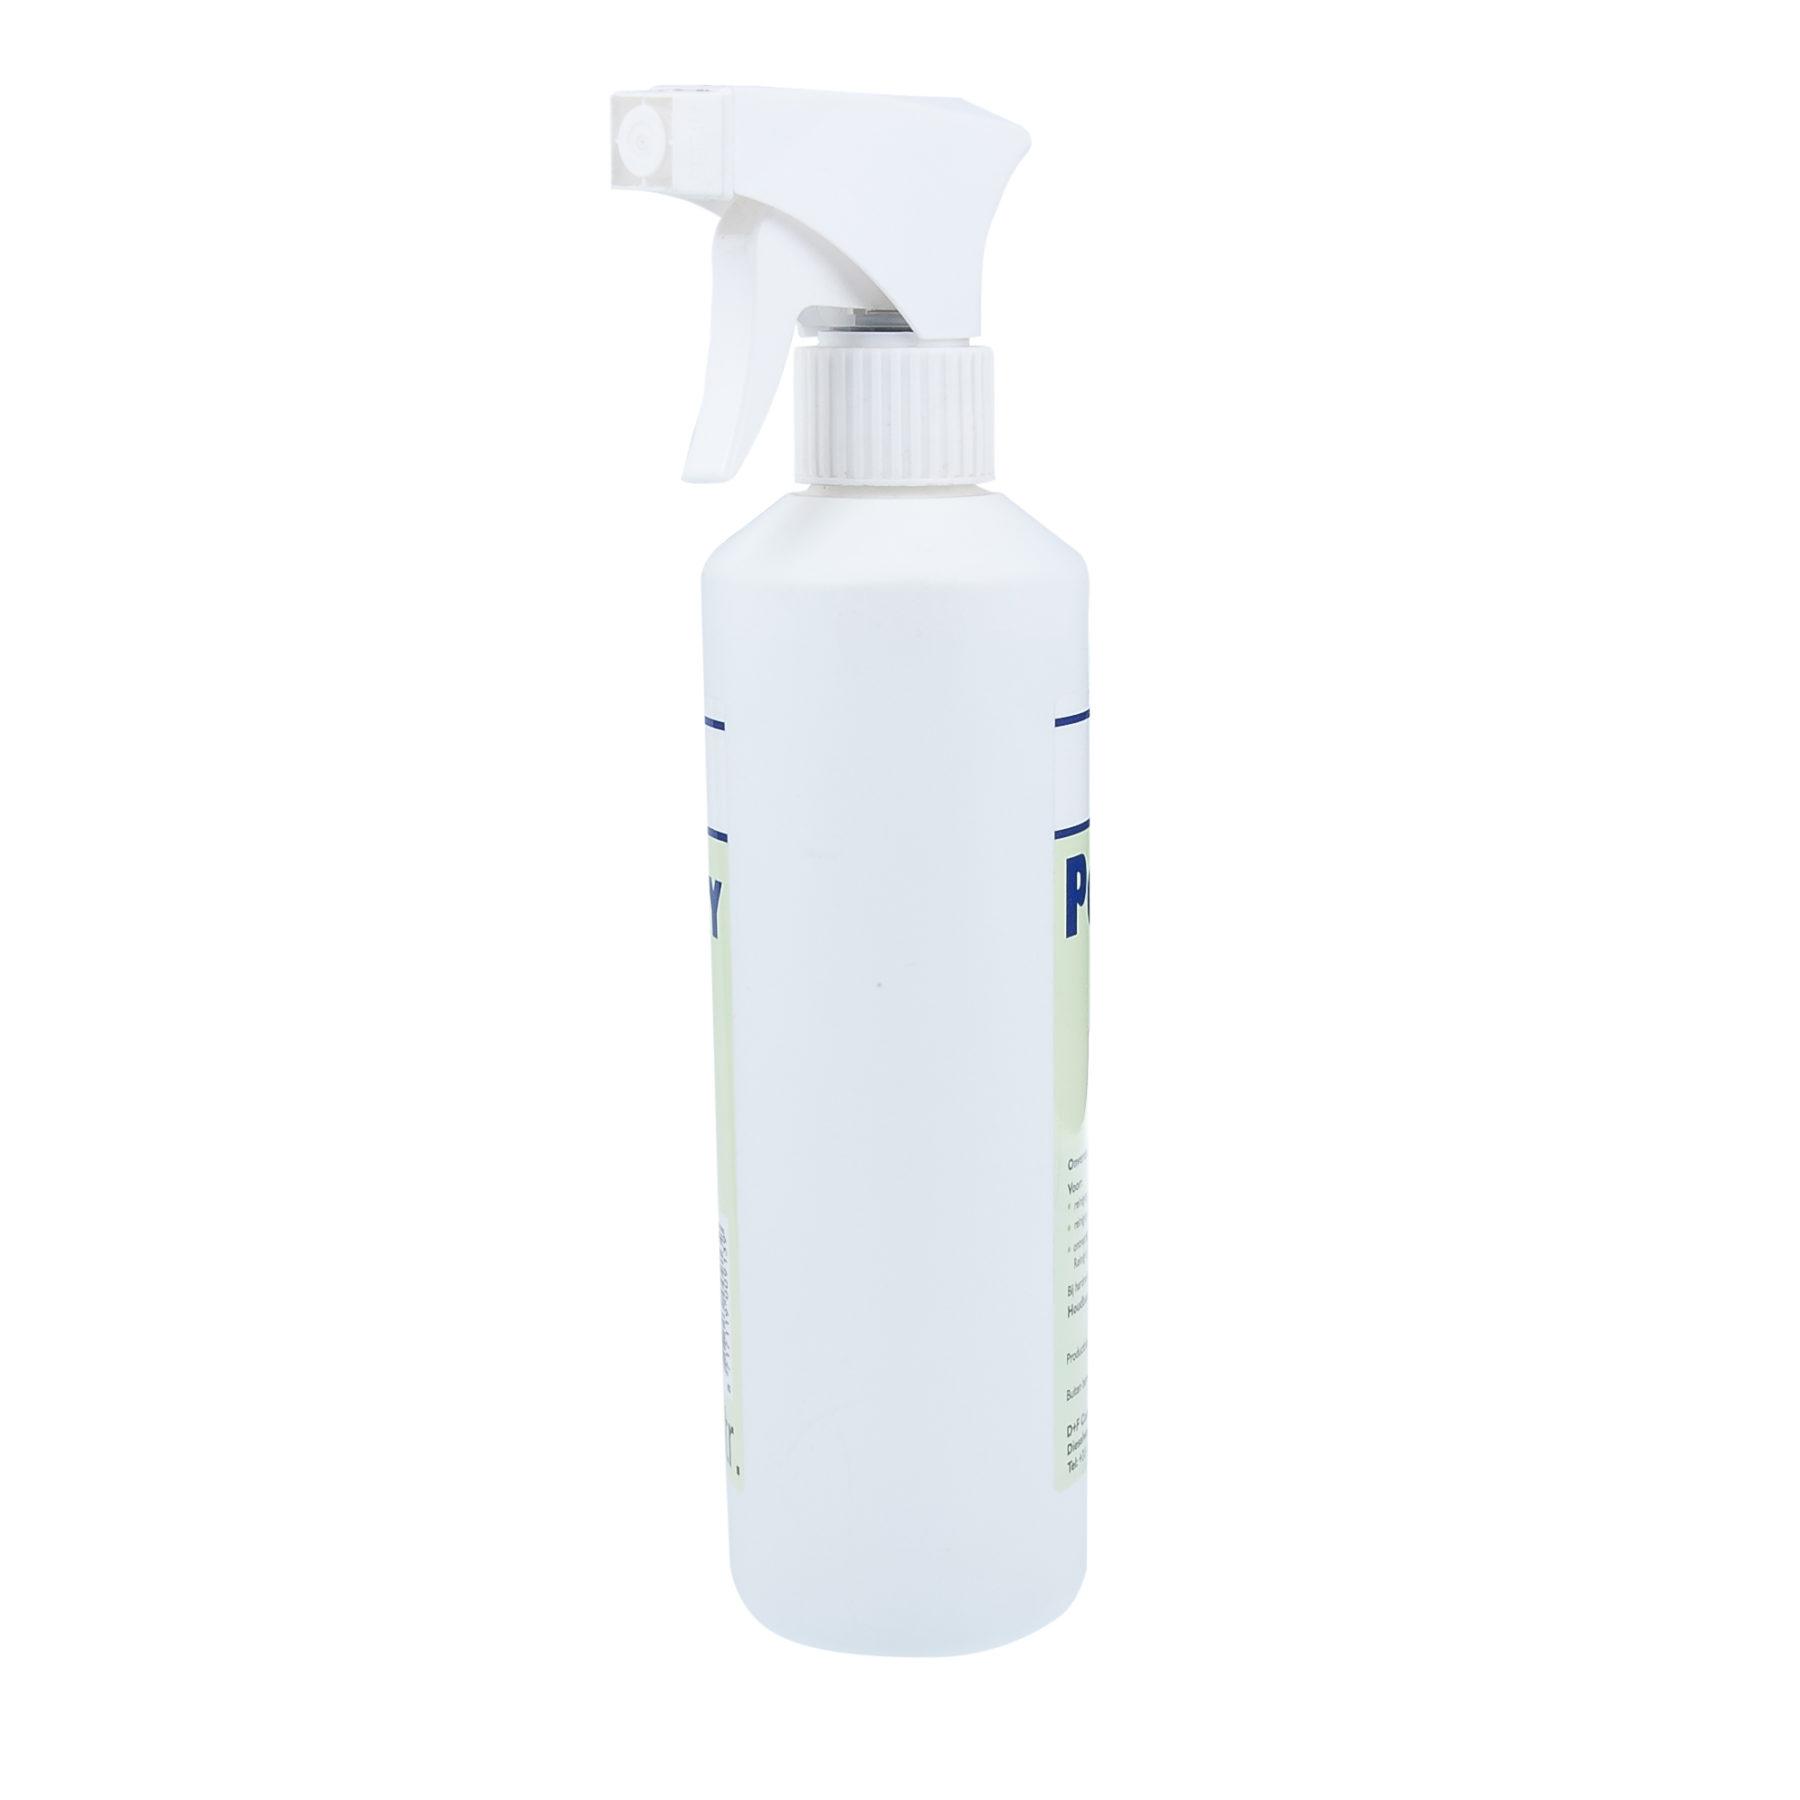 Ontvettingsmiddel Relius power clean Spray